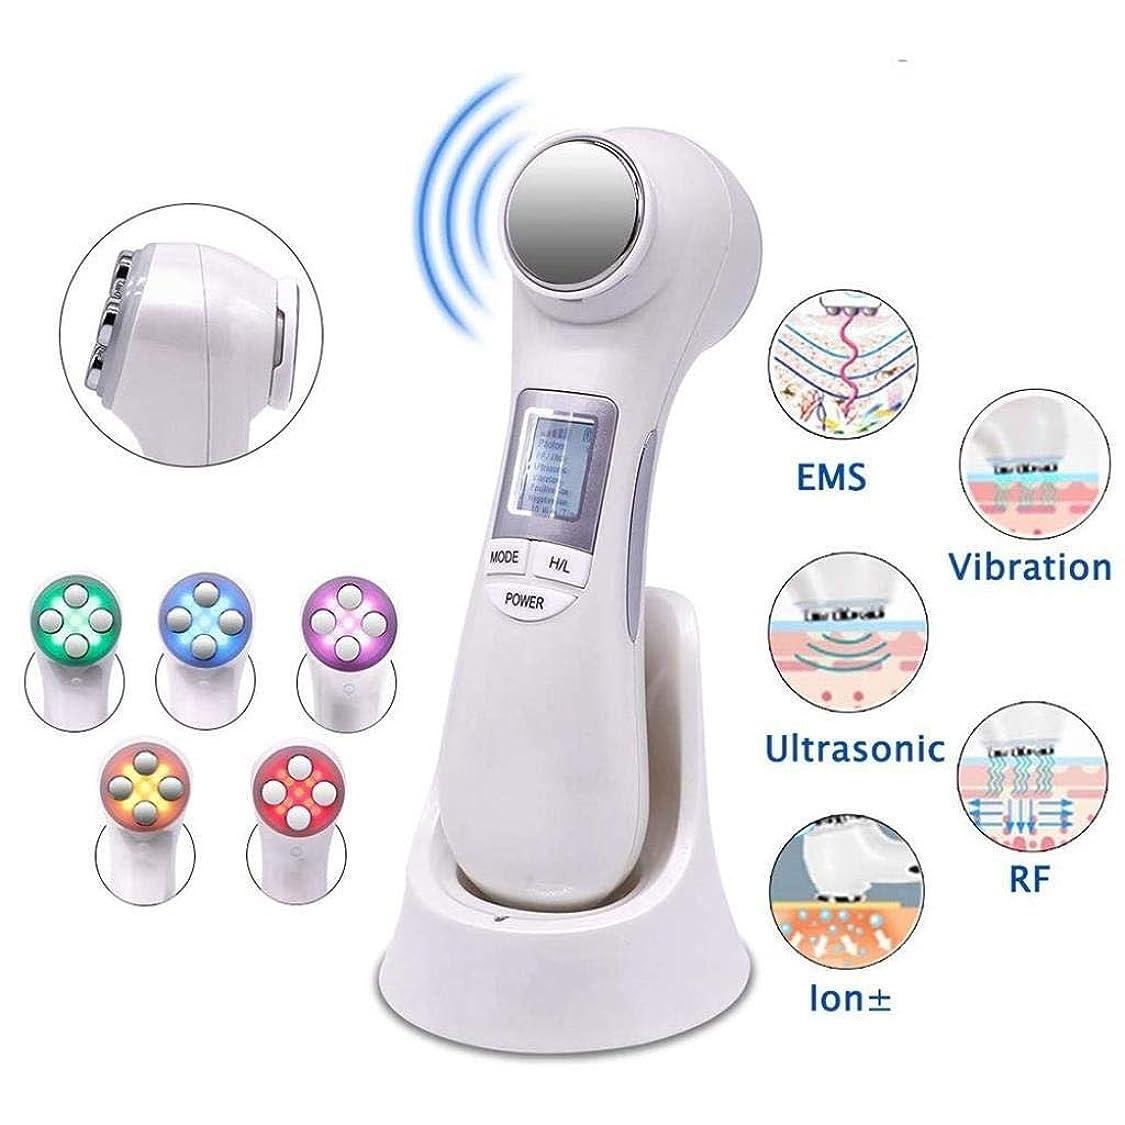 枝ピンポイントバックアップ顔の清潔にする皮のしっかりとしたマッサージ装置、1つのRF EMS超音波振動イオンに付き6つ。活性化、クレンジング、滑らかな細線